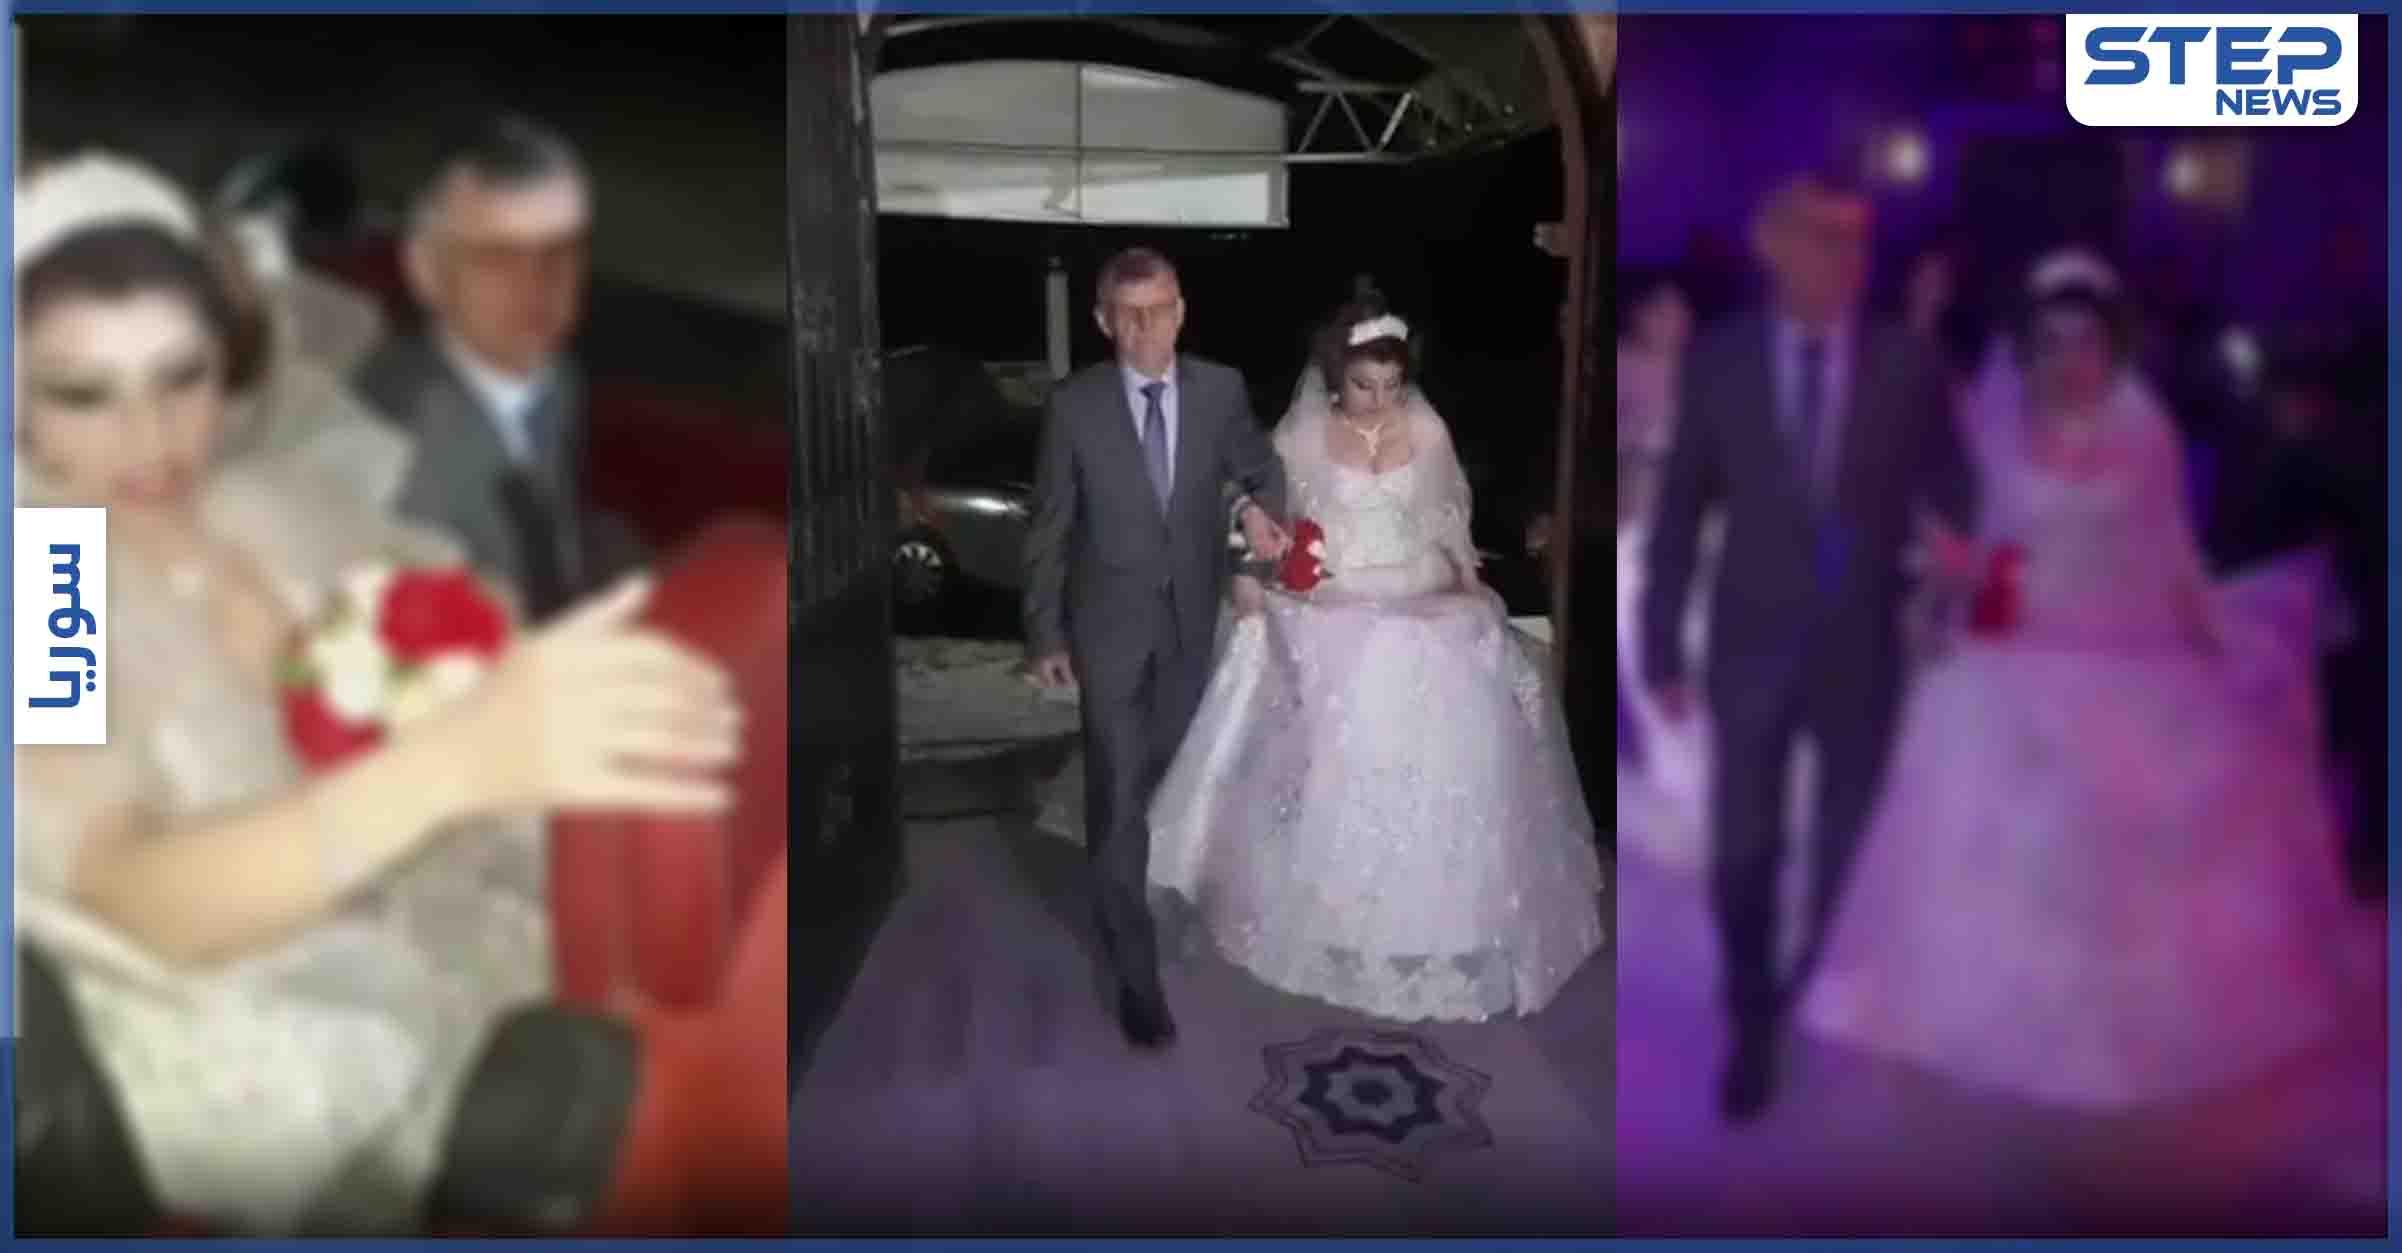 بالفيديو || في ظاهرة منتشرة.... مؤيدون يحتفون بزواج شابة سورية من شاب روسي في مدينة جبلة